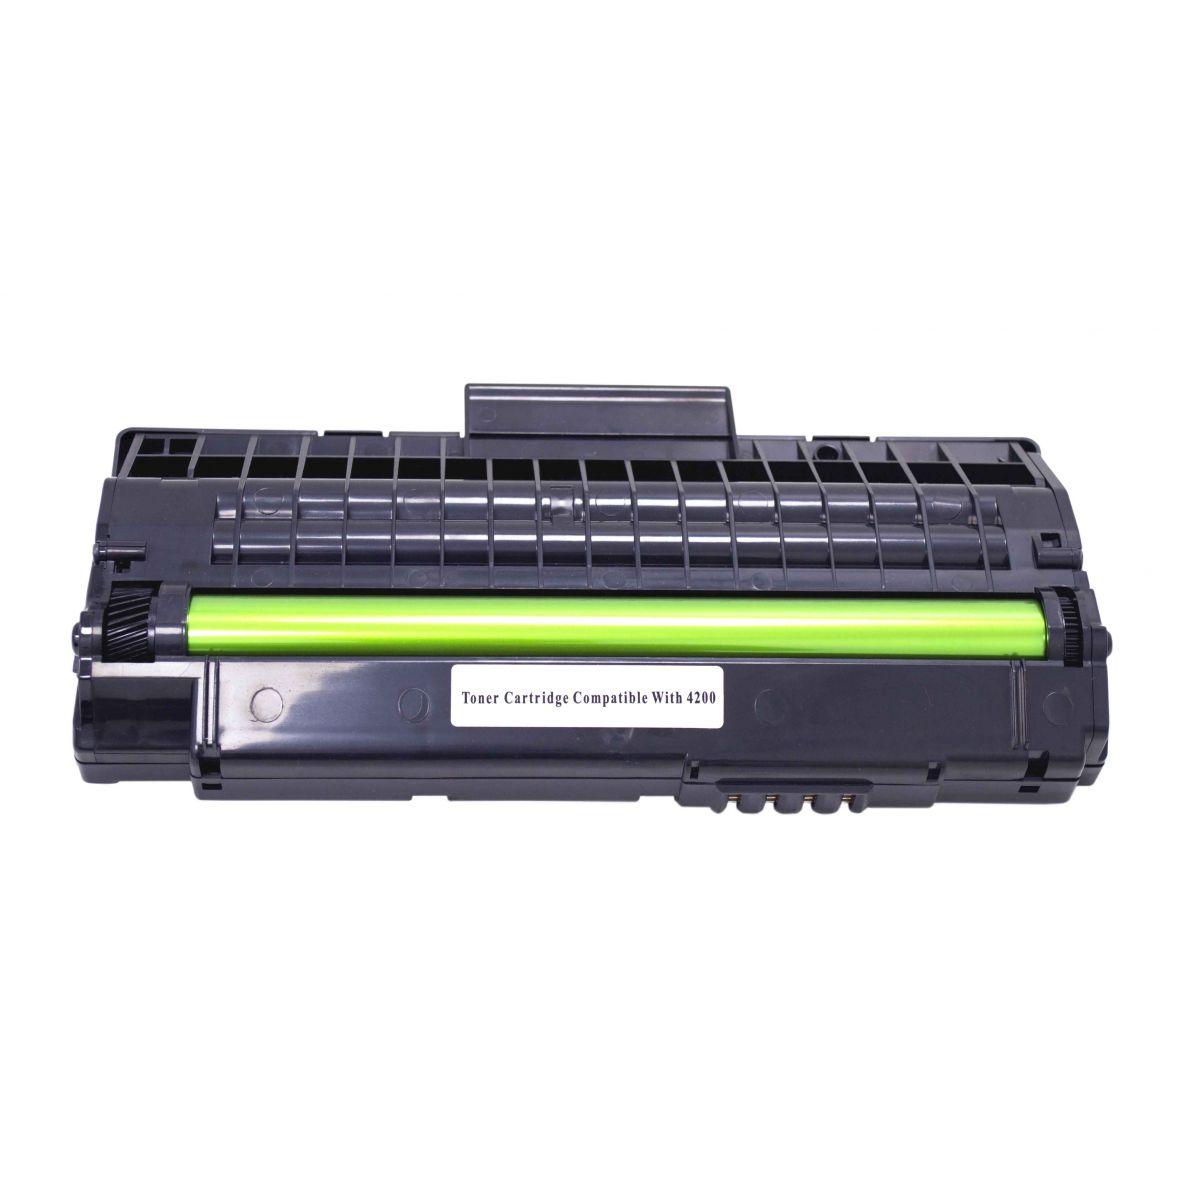 Cartucho Toner Compatível Samsung TP4200, D4200